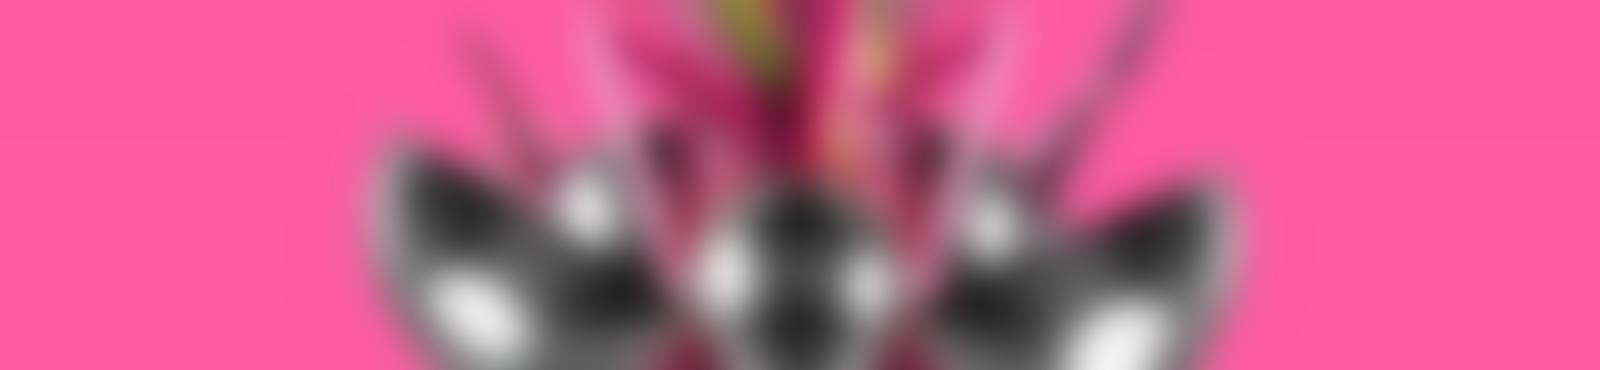 Blurred b2ea7428 6599 47b3 af78 1e70585522af